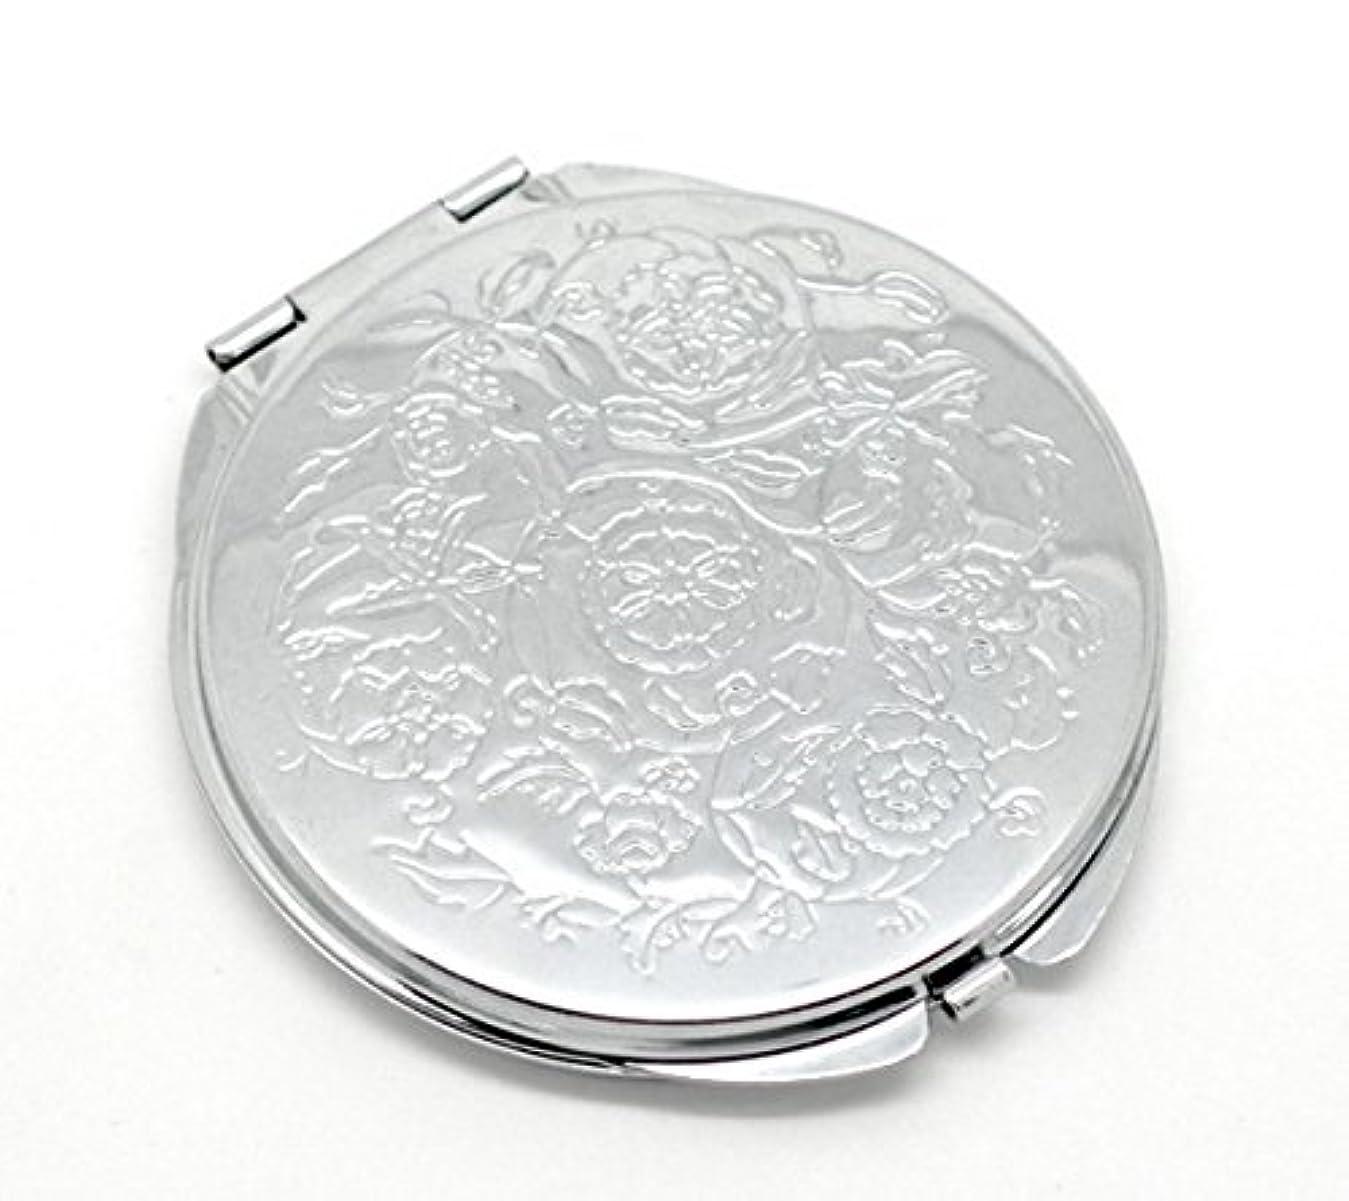 香港多数の四分円HOUSWEETY 無地コンパクトミラー プチ手鏡 ハンドミラー 携帯ミラー 丸型 化粧箱入り 折りたたみ おしゃれ レディース 小物 (デザインC)